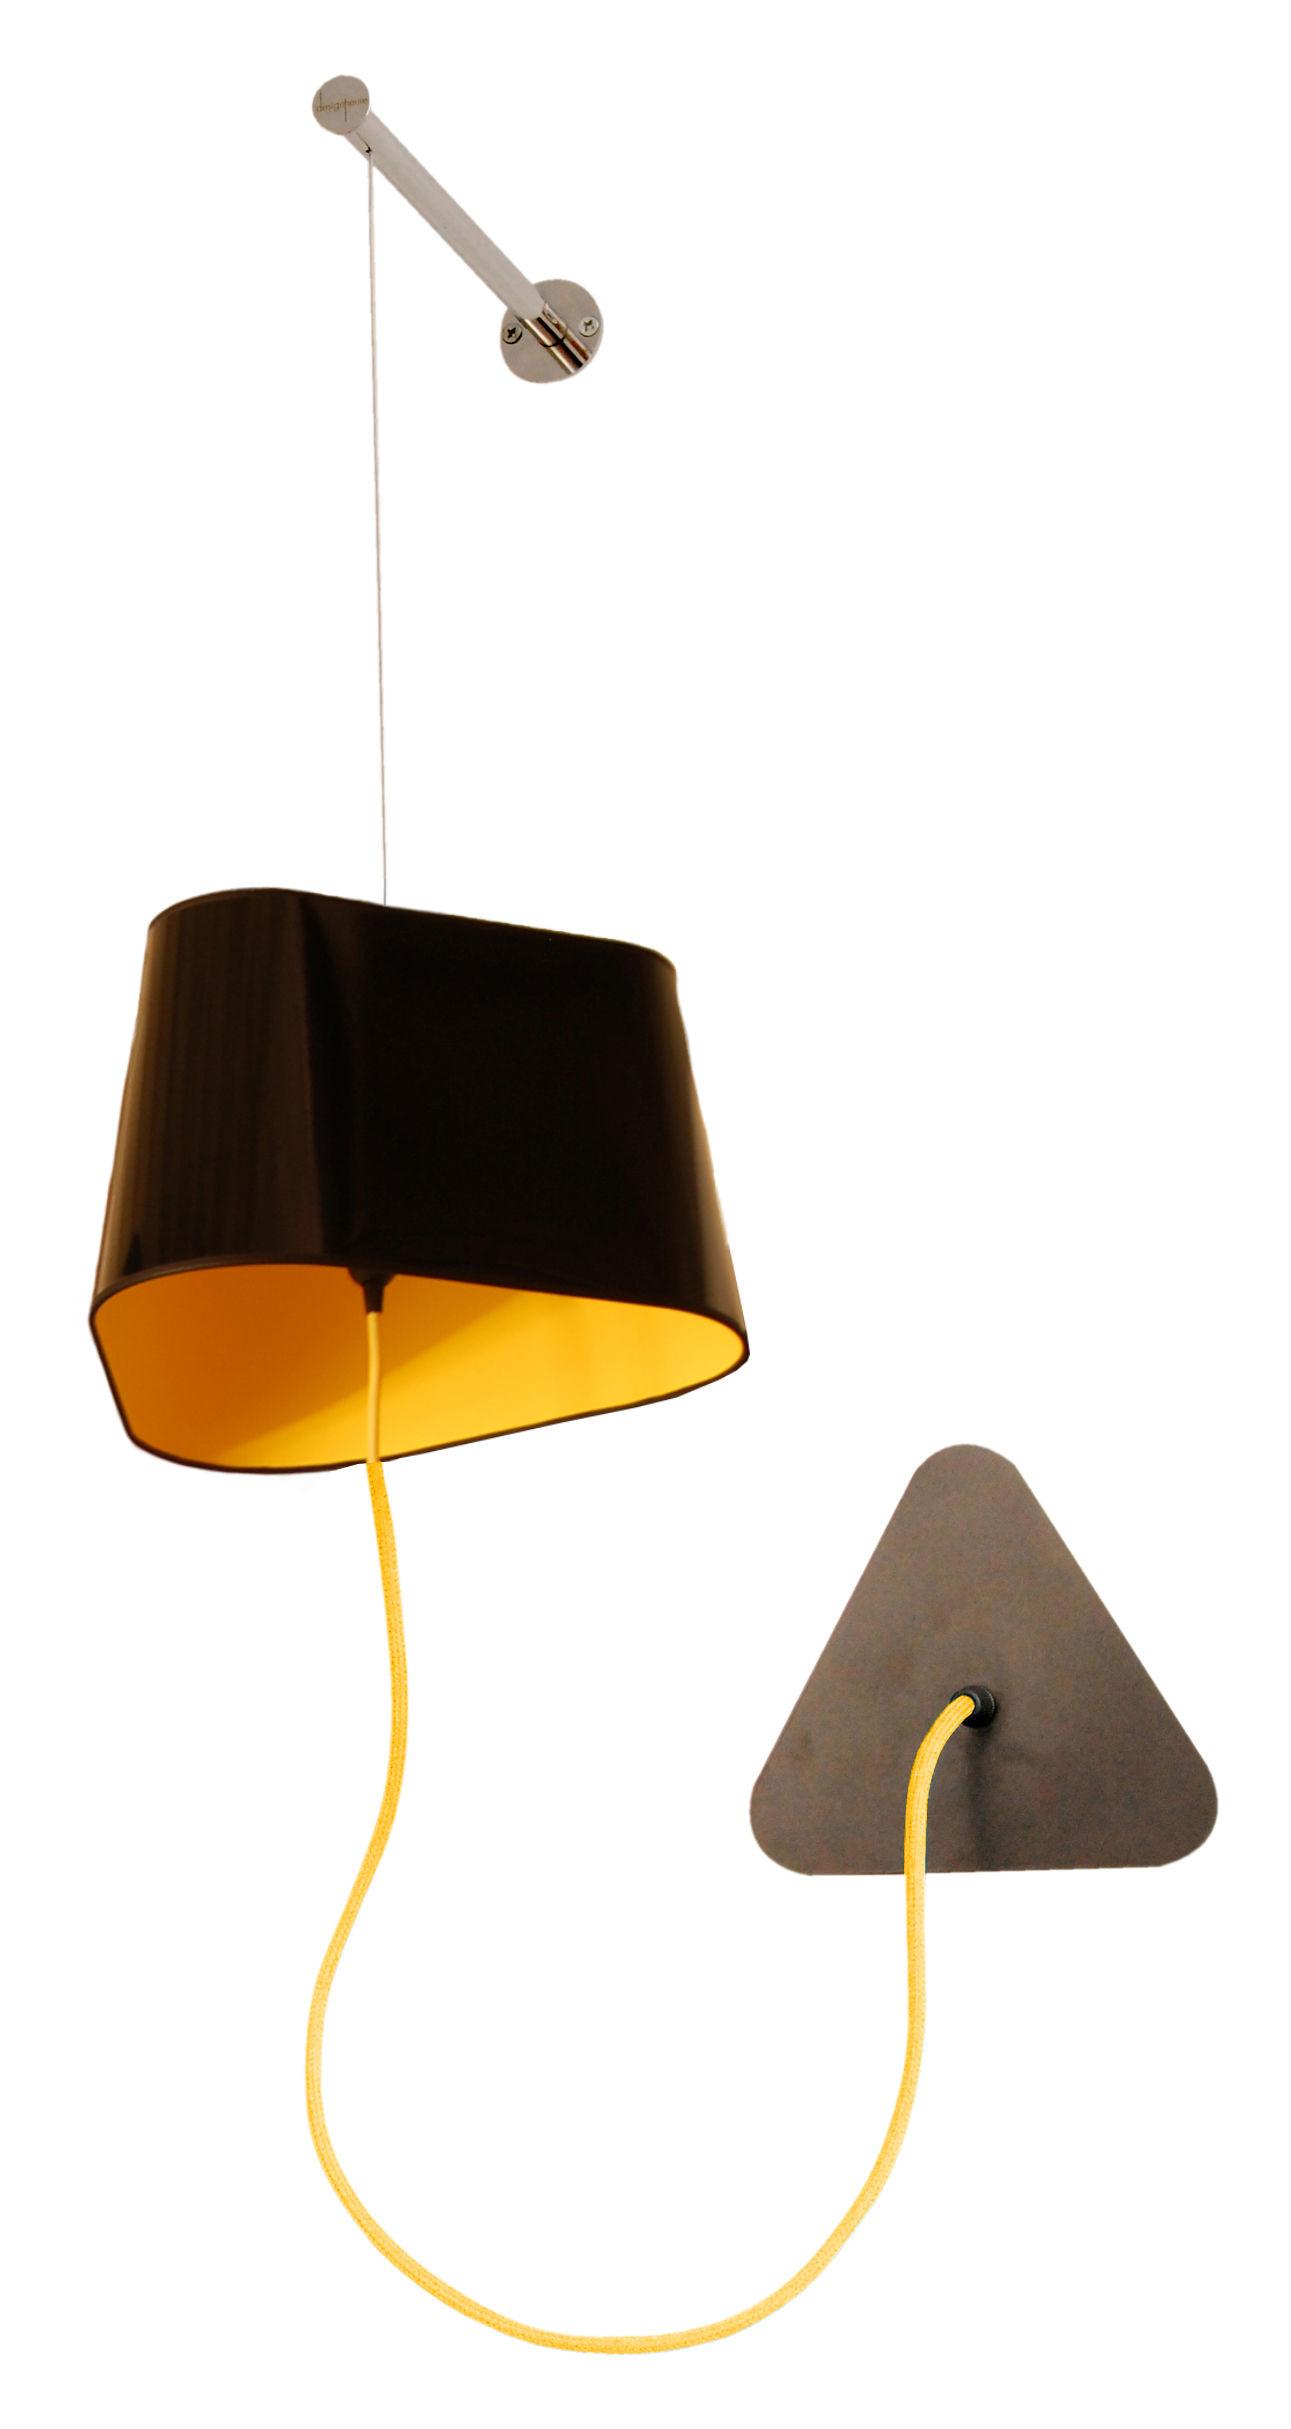 applique petit nuage l 24cm fixation murale pvc noir laqu int rieur tissu jaune designheure. Black Bedroom Furniture Sets. Home Design Ideas